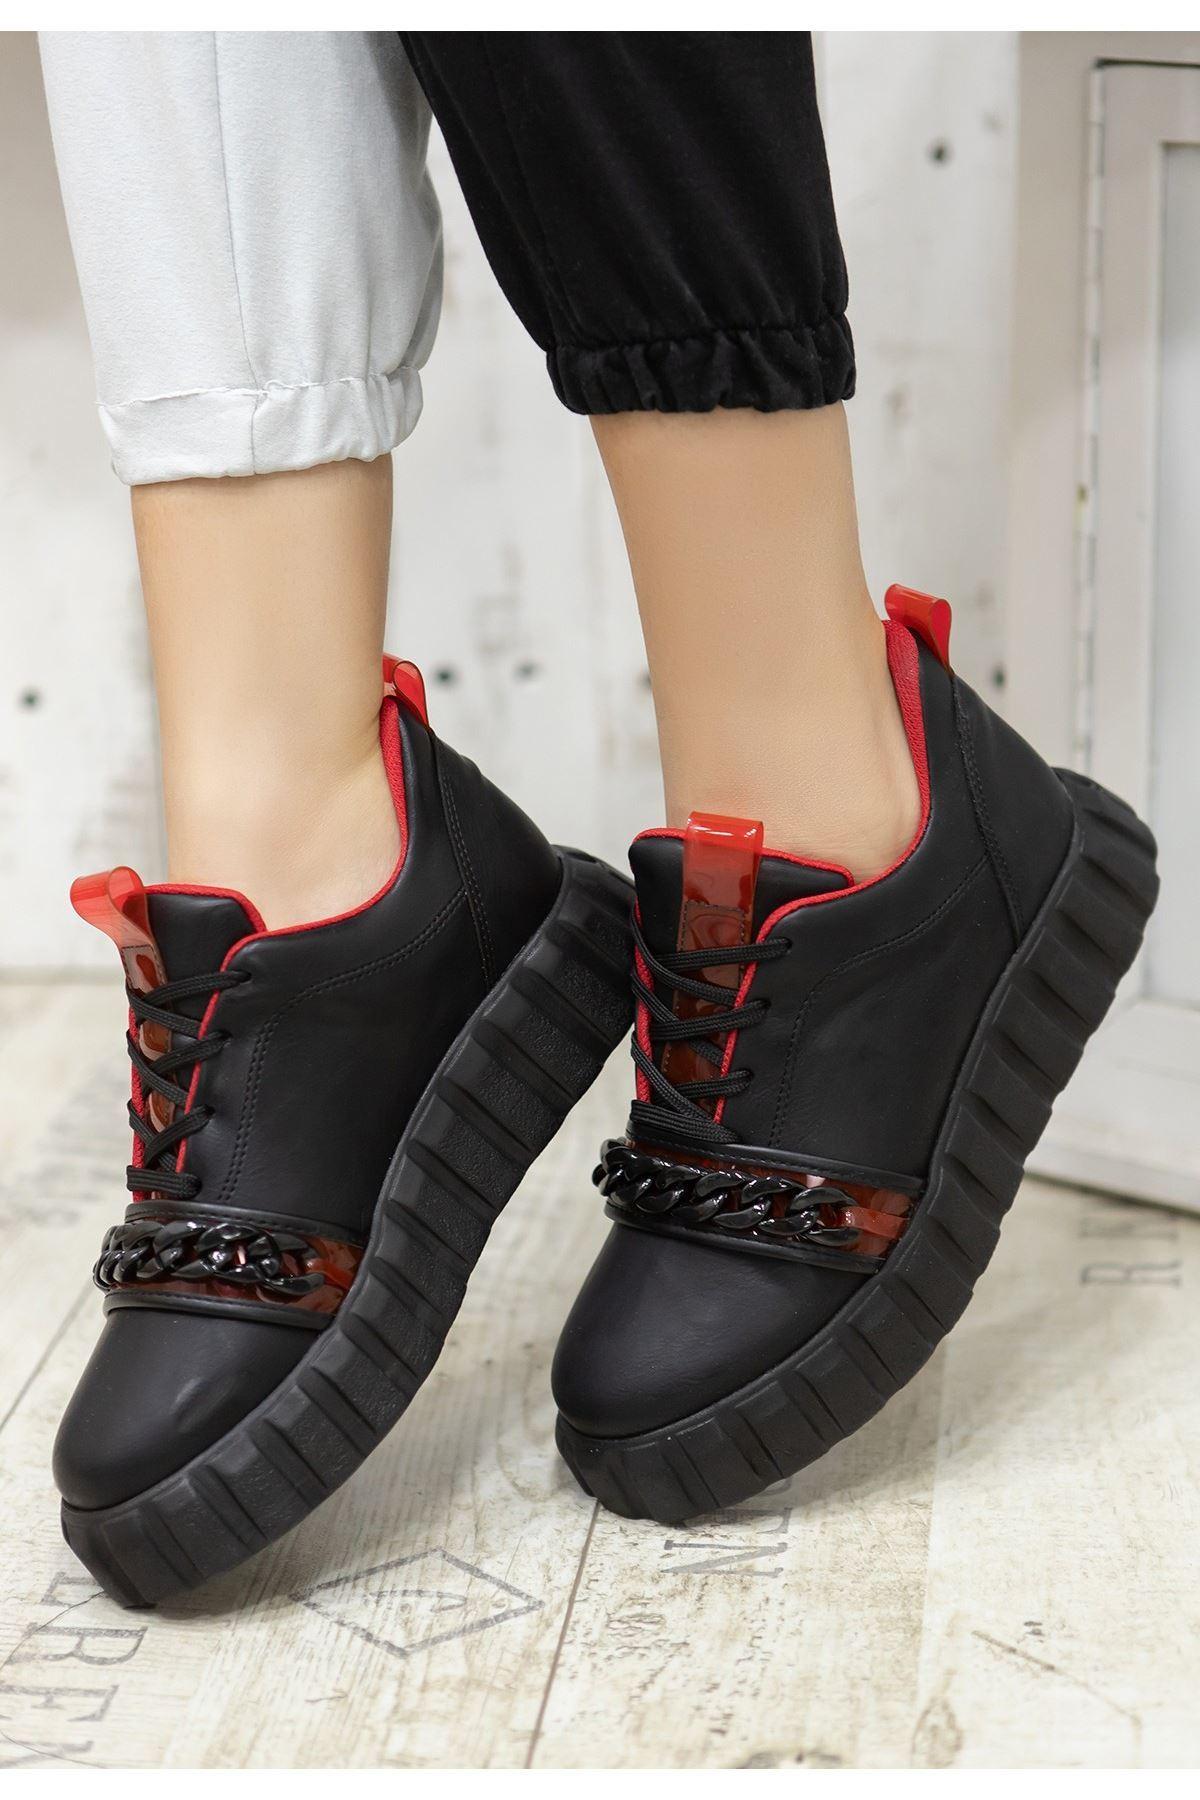 Mya Siyah Cilt Kırmızı Detaylı Bağcıklı Spor Ayakkabı